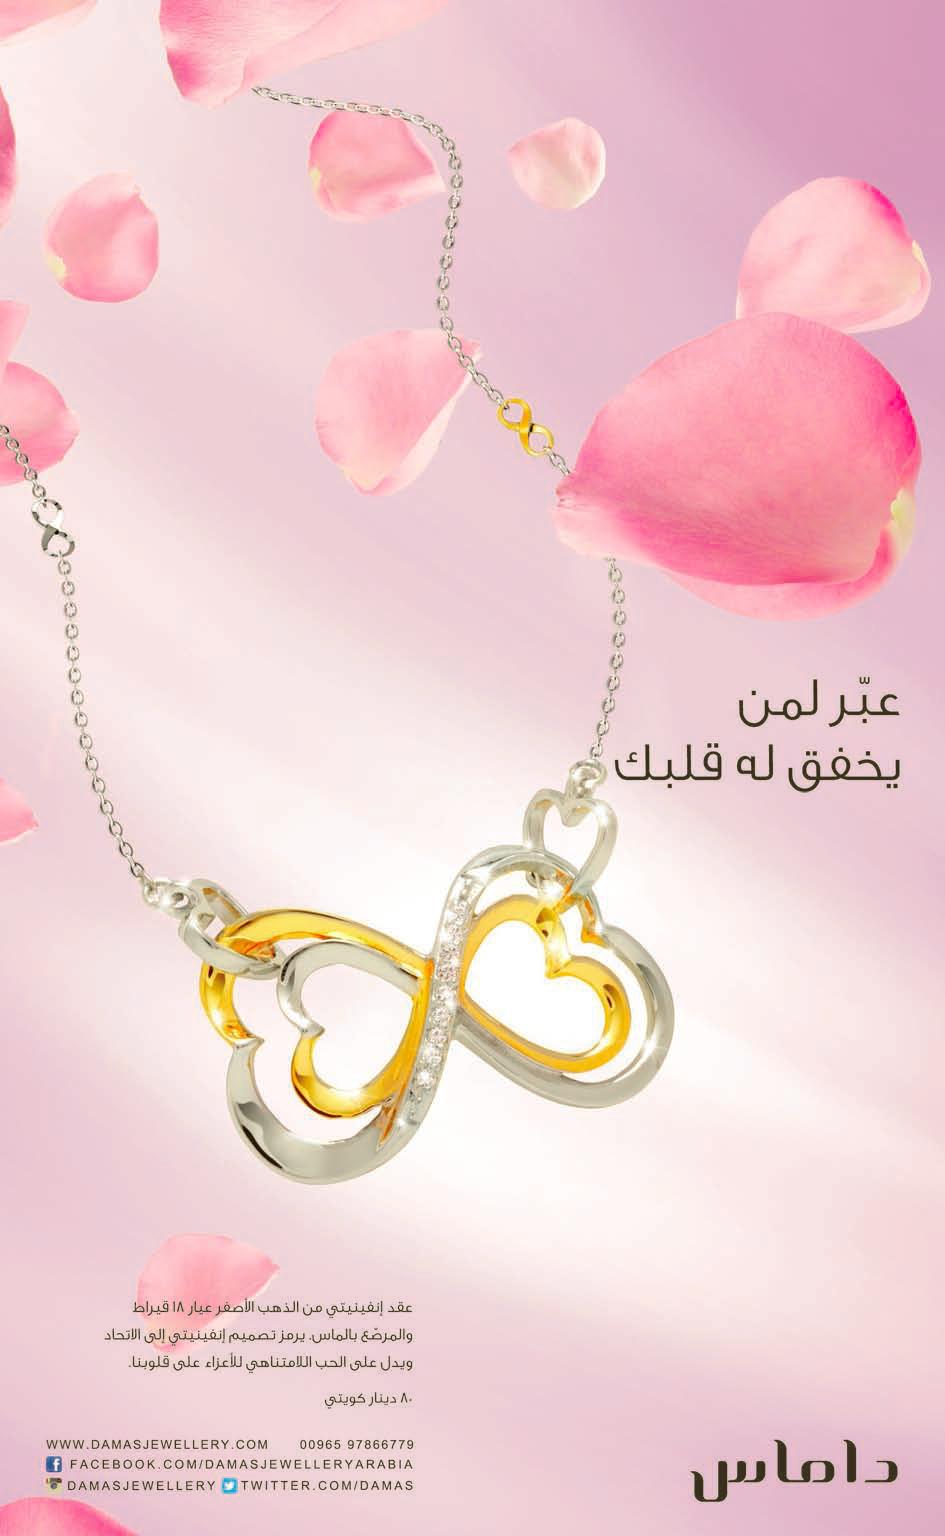 جديد داماس للمجوهرات عبر لمن يخفق له قلبك 914368317.png